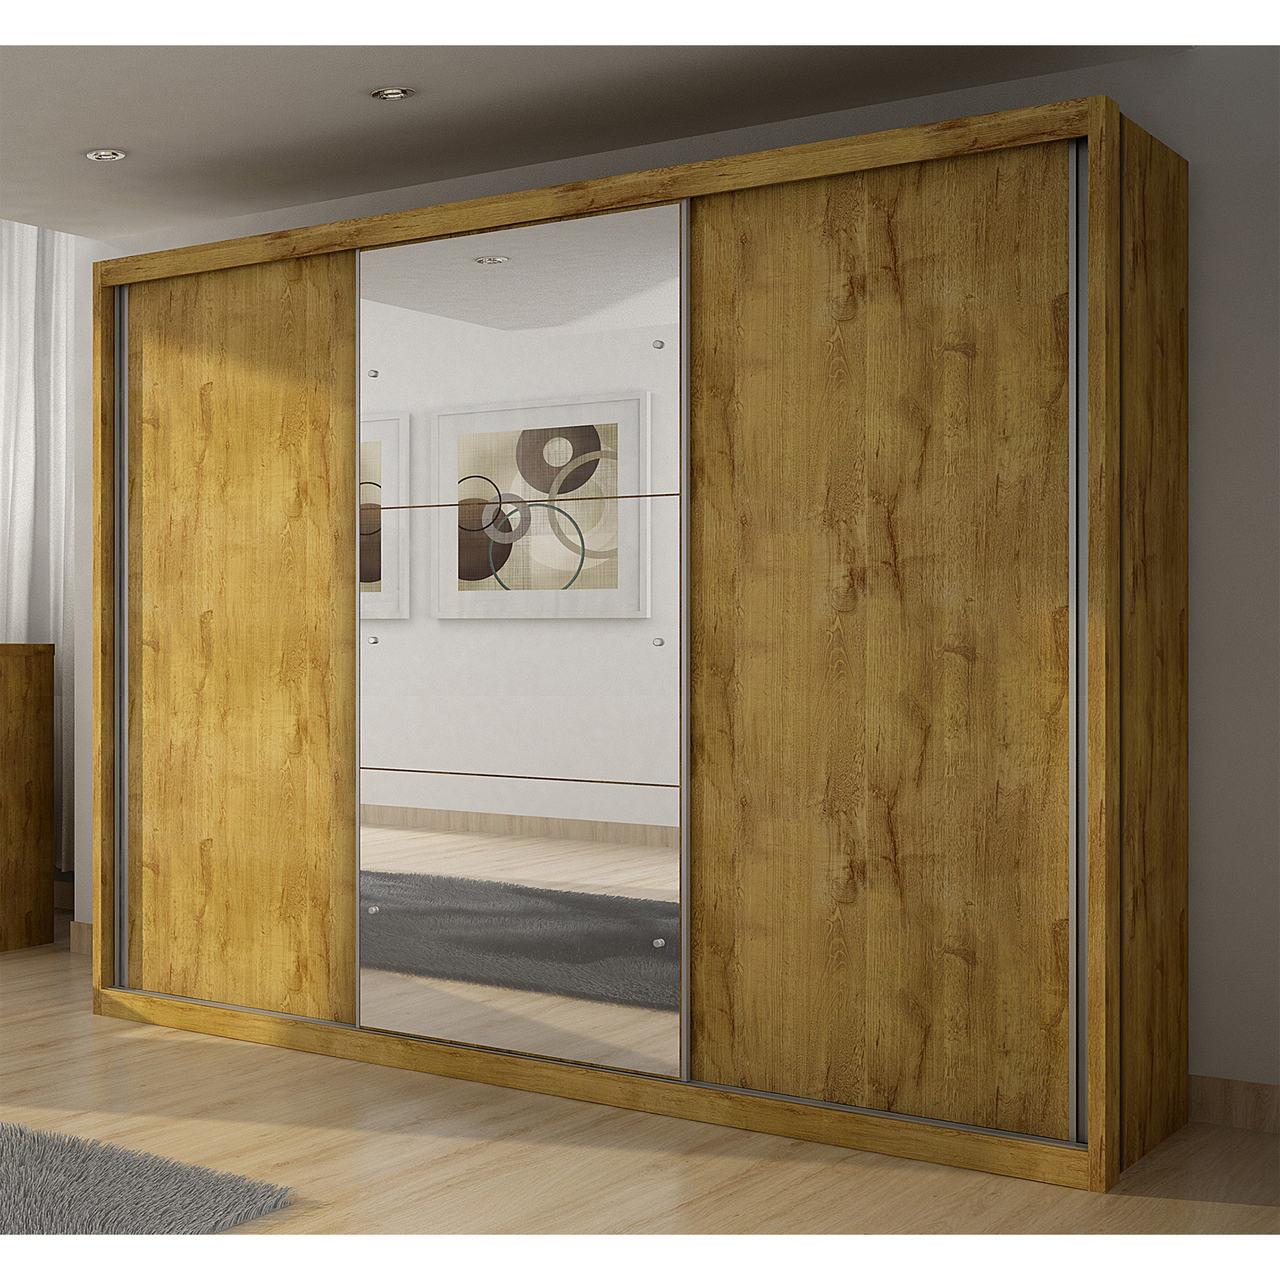 Guarda Roupa Casal com Espelho, 3 Portas de Correr e 4 Gavetas Paradizzo Gold Novo Horizonte